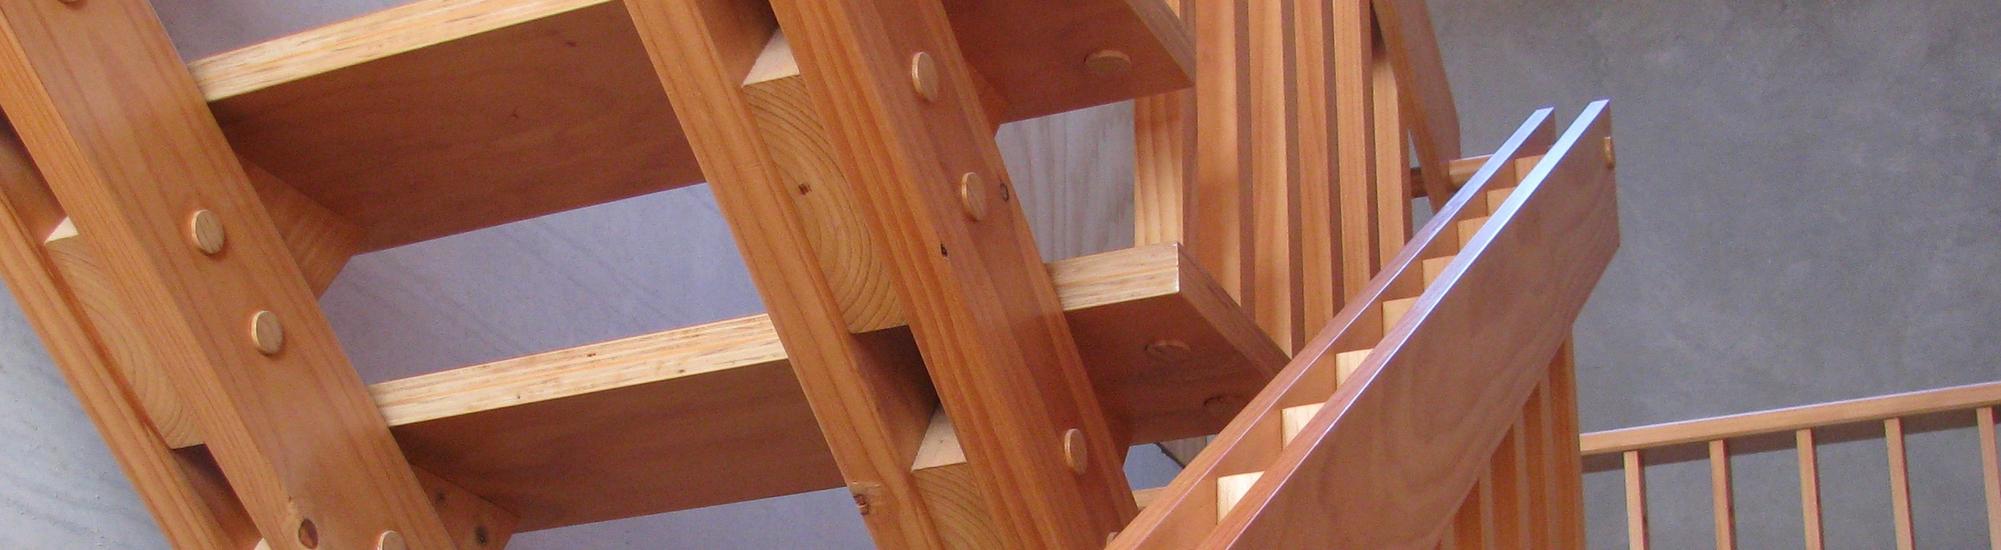 Pine Stairs